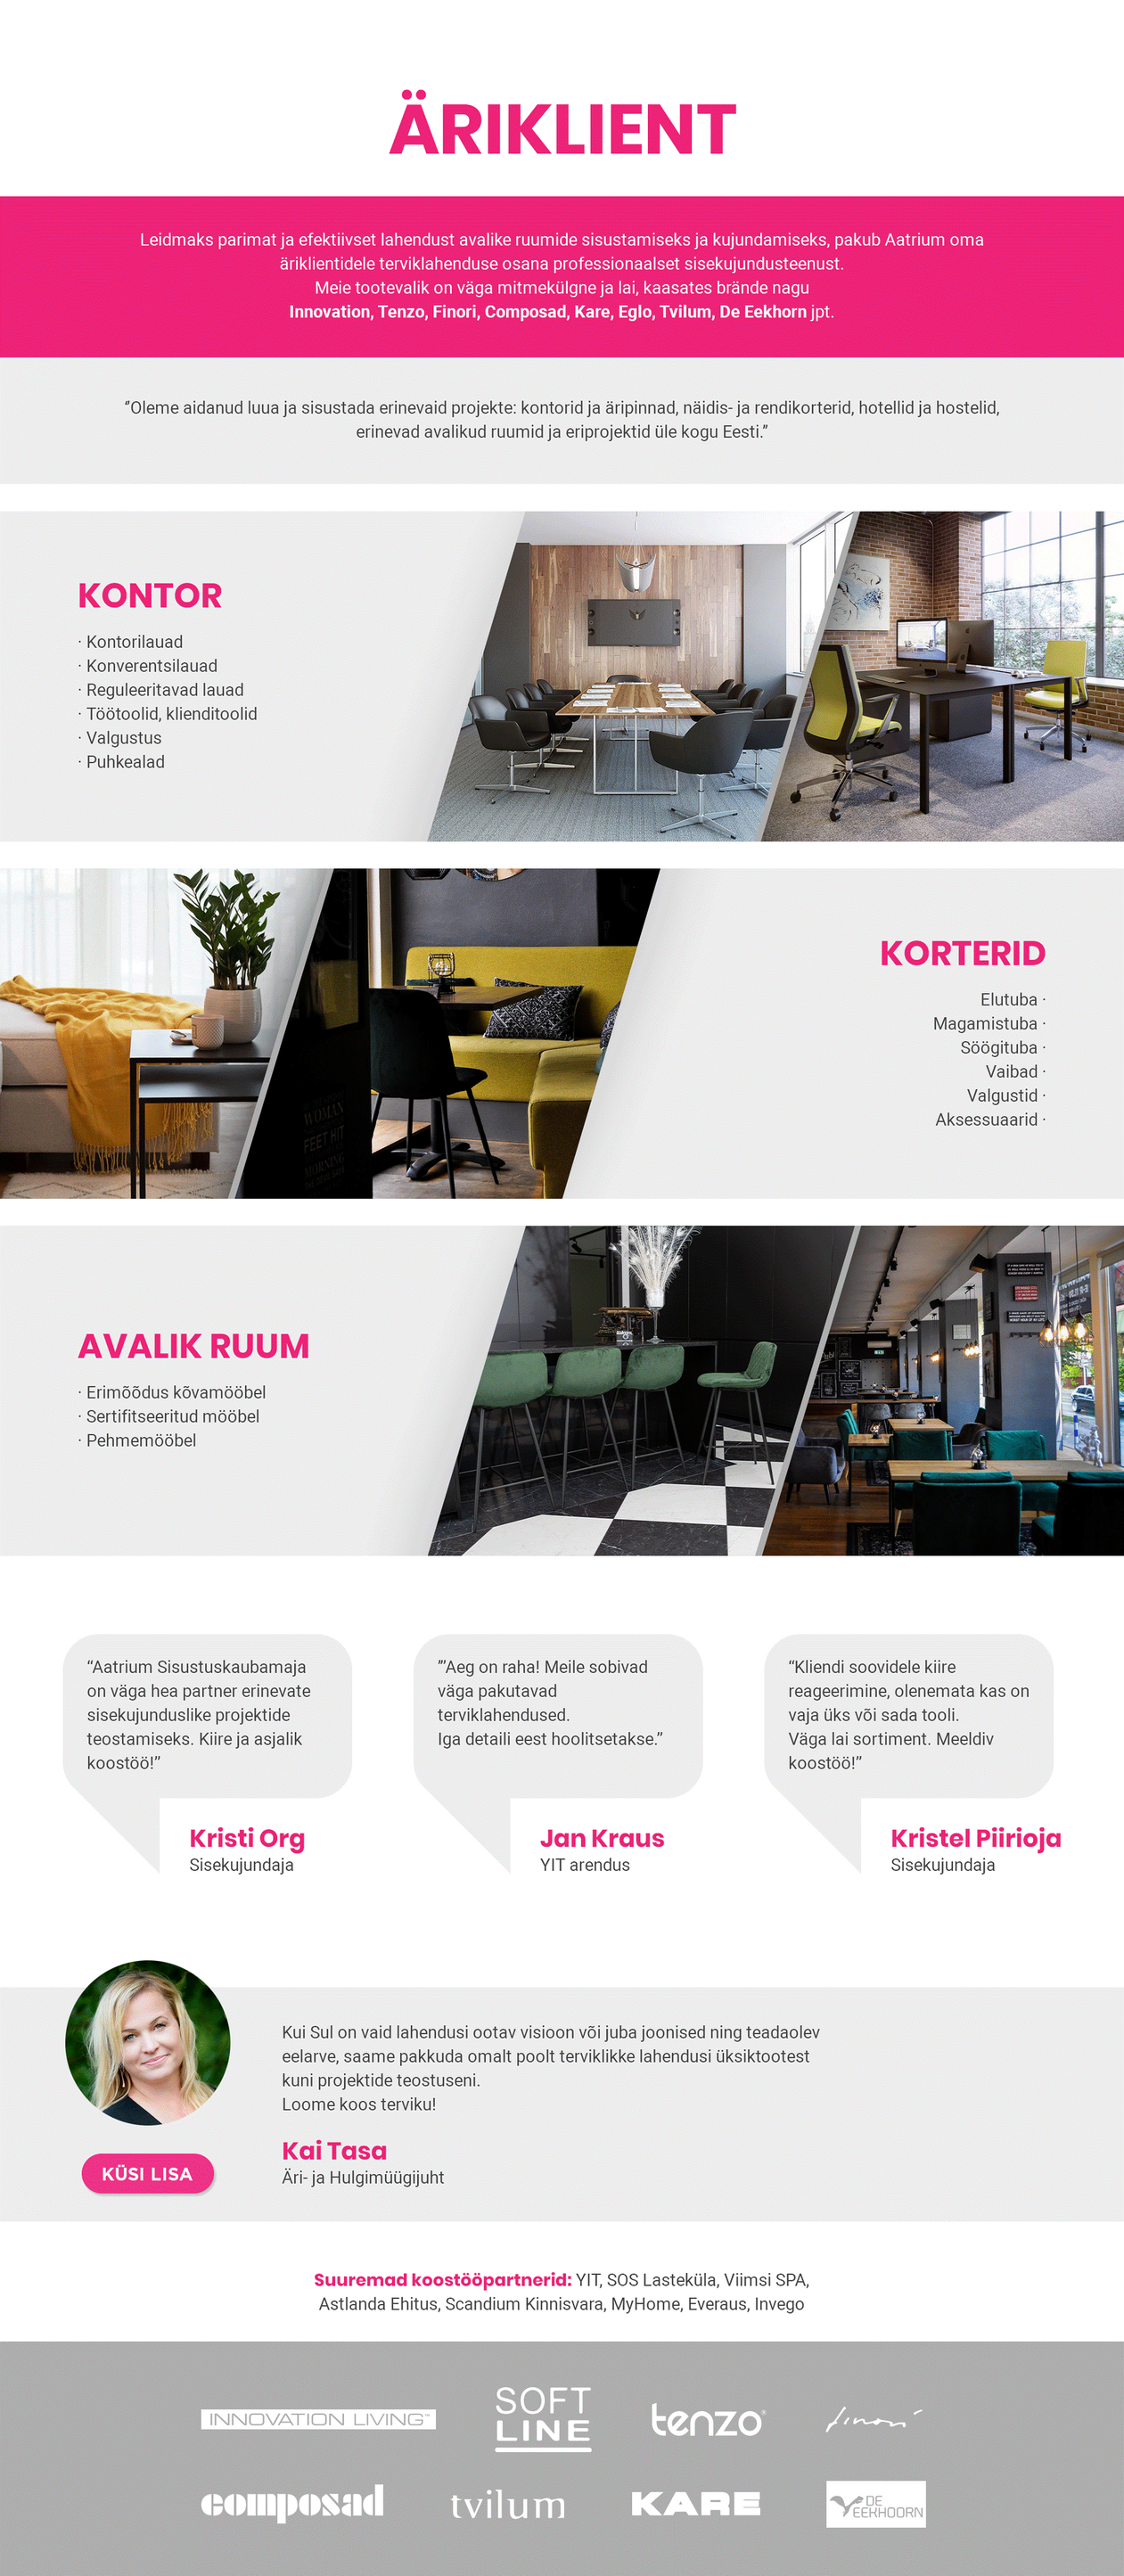 Leidmaks parimat ja efektiivset lahendust avalike ruumide sisustamiseks ja kujundamiseks pakub Aatrium äriklientidele terviklahenduse osana professionaalset sisekujunduse teenust. Oleme aidanud sisustada erinevaid projekte: kontorid, äripinnad, näidis- ja rendikorterid, hostelid ja hotellid, erinevad avalikud ruumid ja eriprojektid üle Eesti. Aatriumist leiab ka erimõõdus mööblit avalike ruumide või puhkealade sisustamiseks.